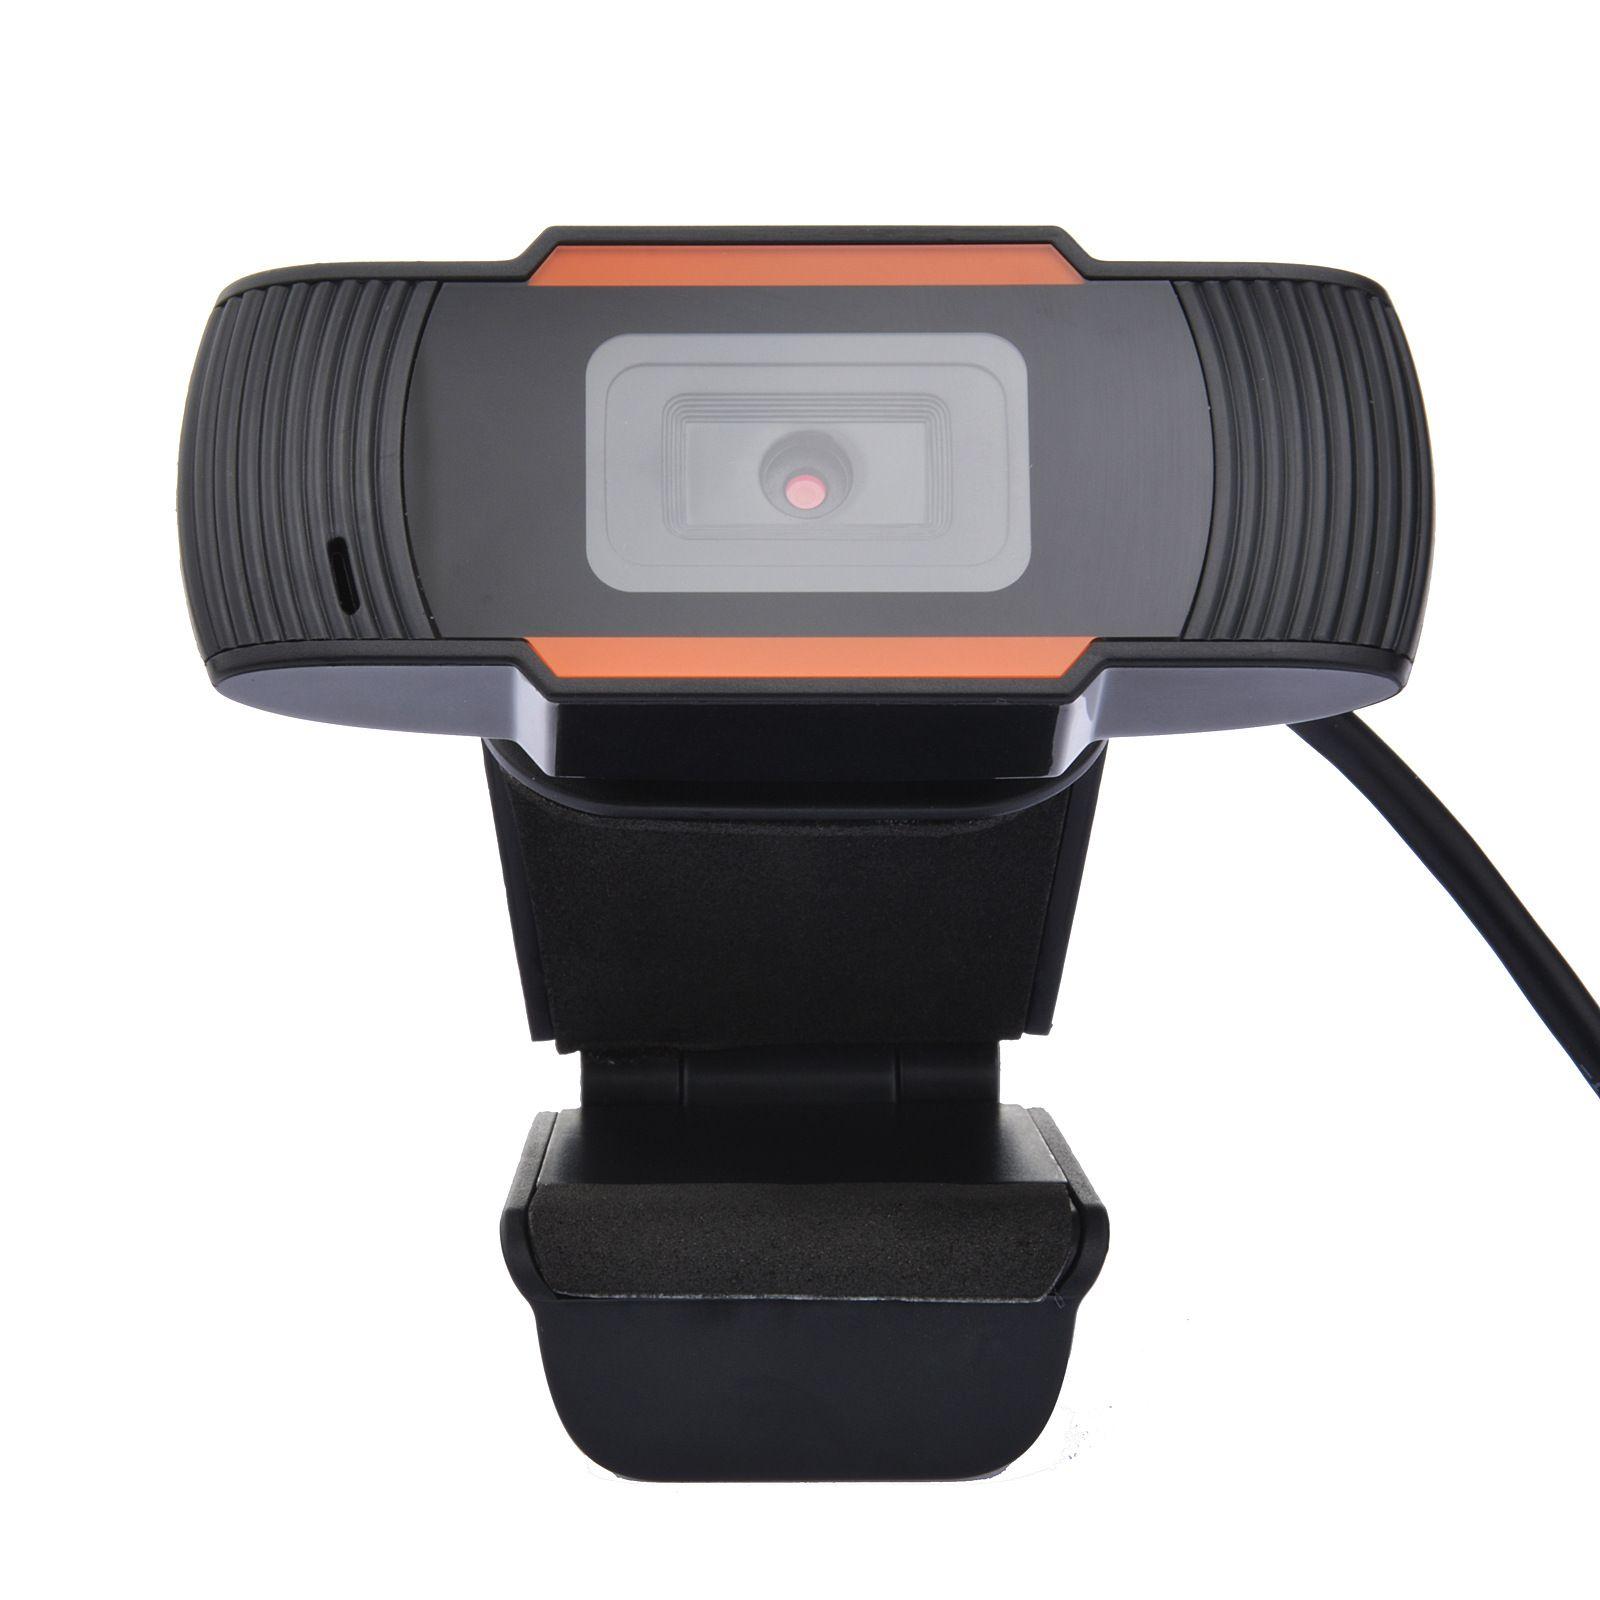 الملحقات الالكترونية الحاسوب كاميرا 720P / 1080P شبكة USB2.0 HD كاميرا كاميرا للتدوير لمؤتمر شبكة WT-912